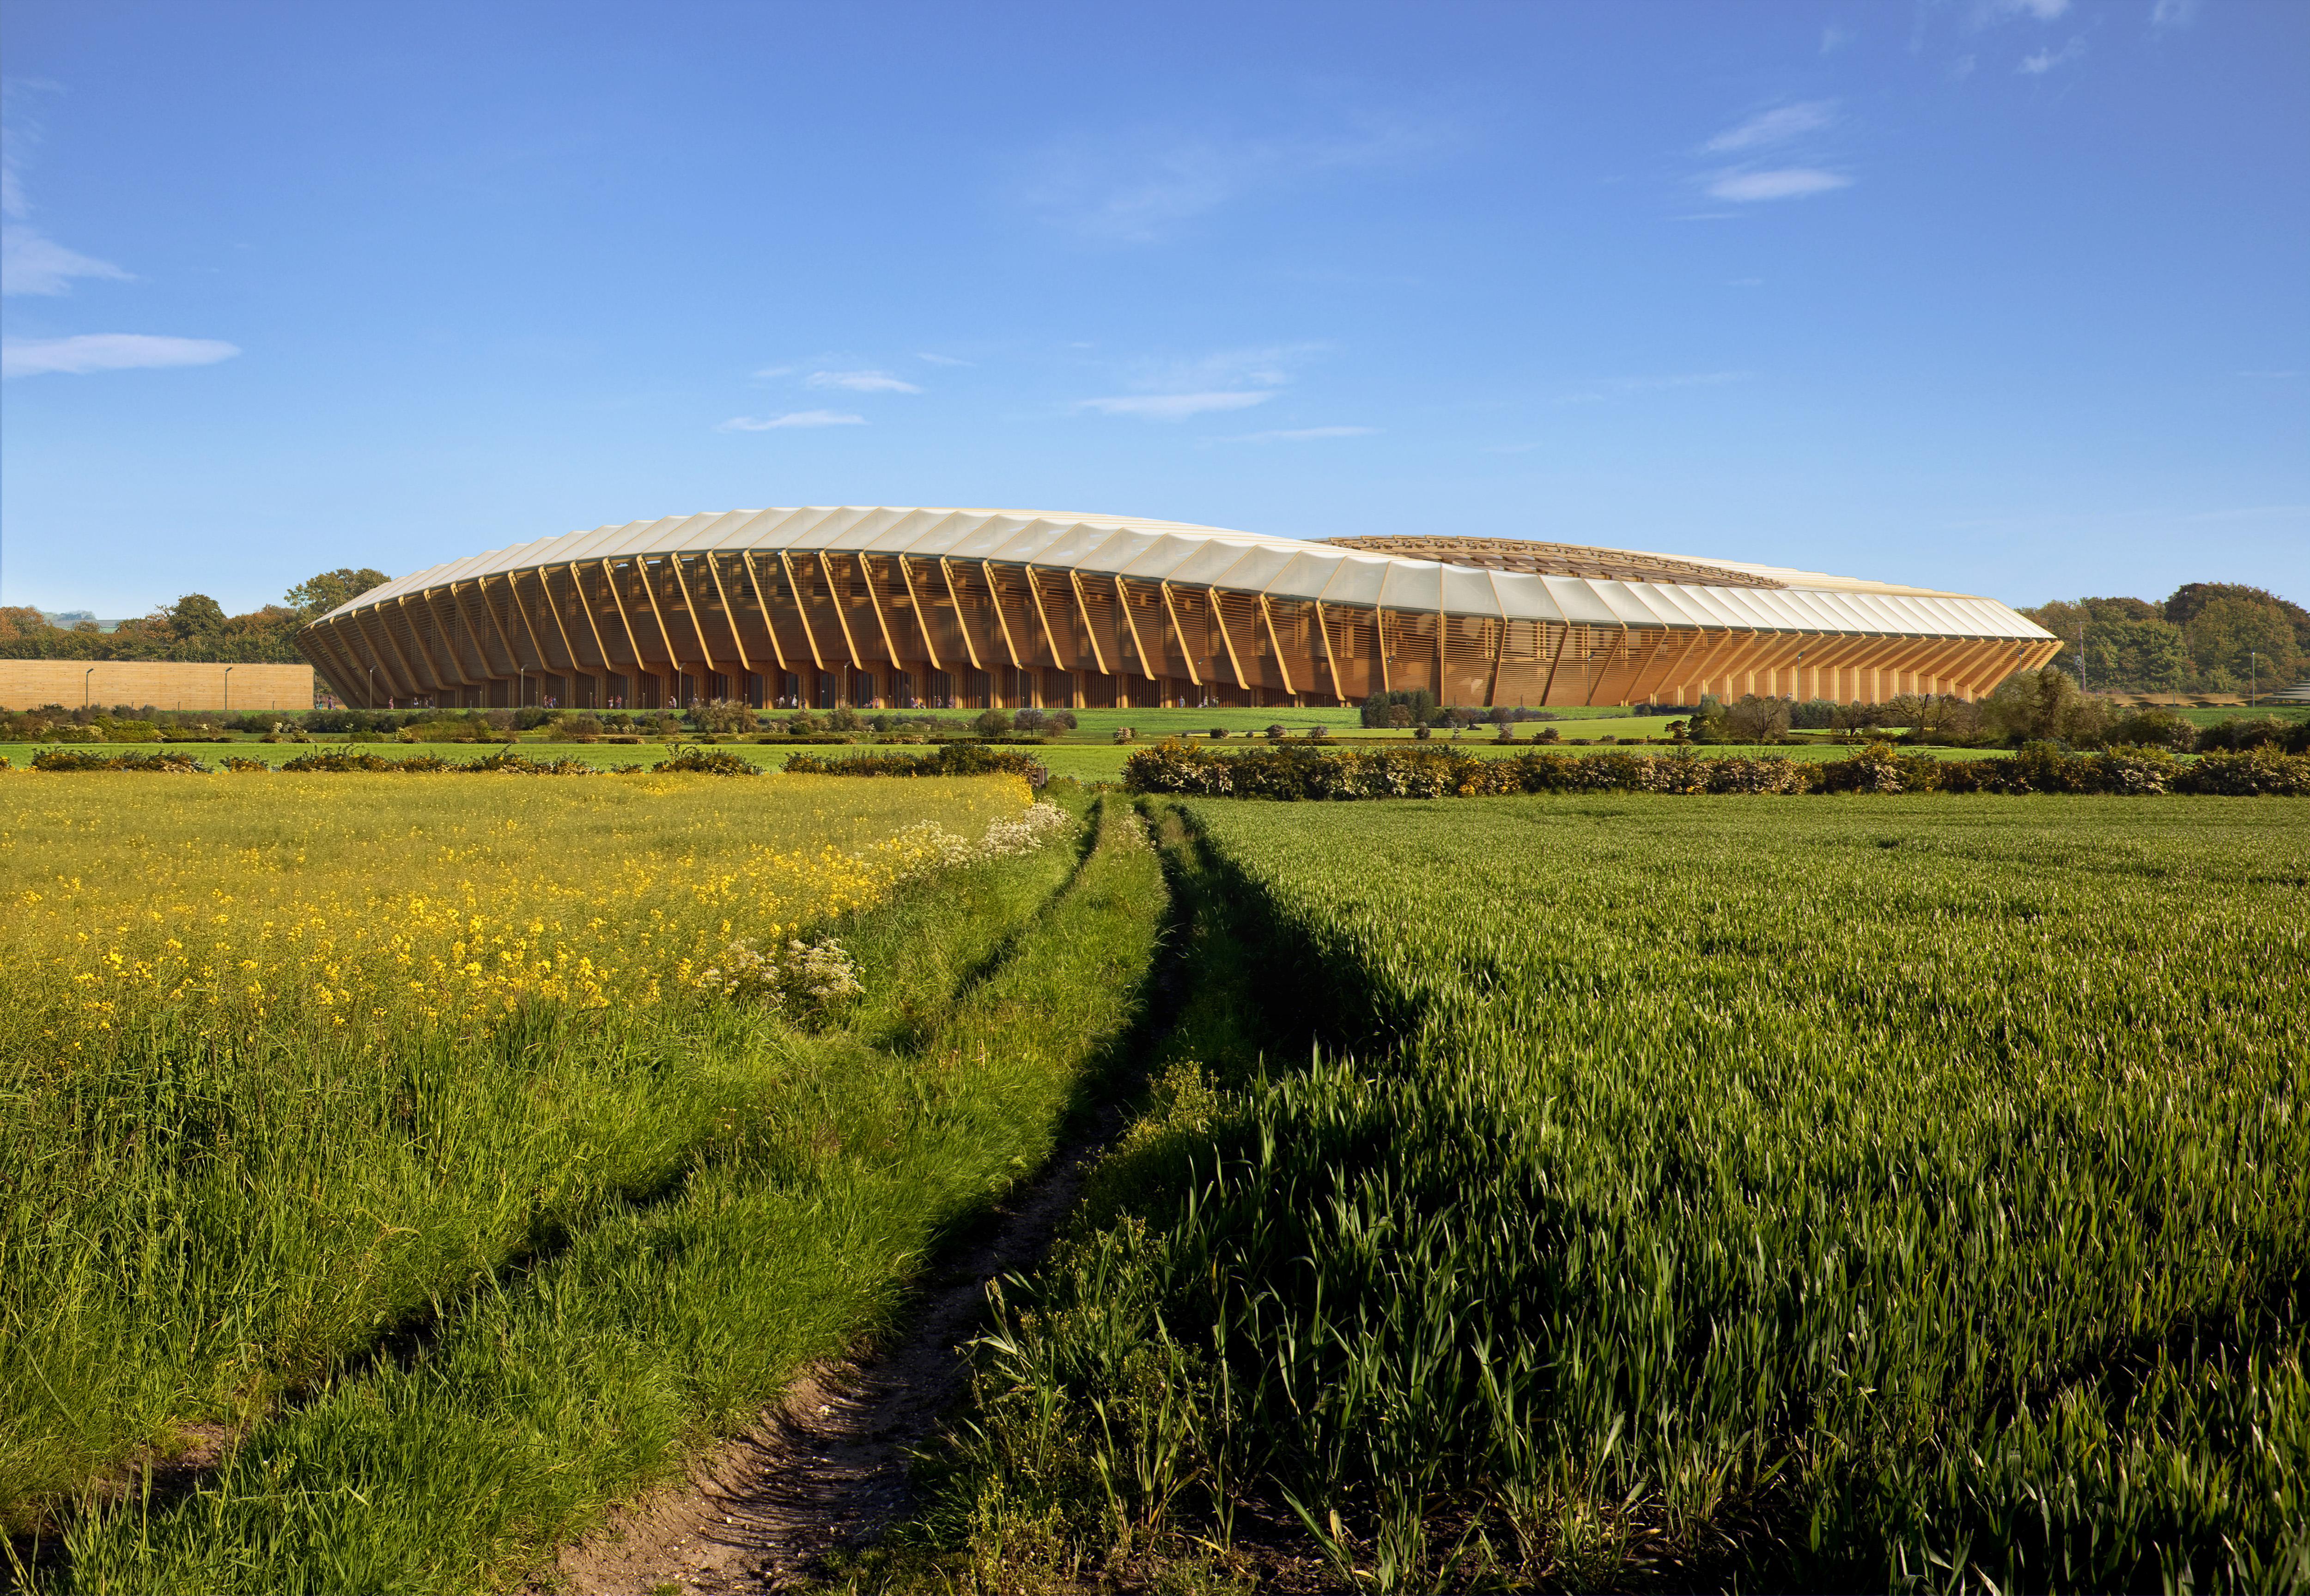 Zaha Hadid Architects conçoivent un stade entièrement en bois